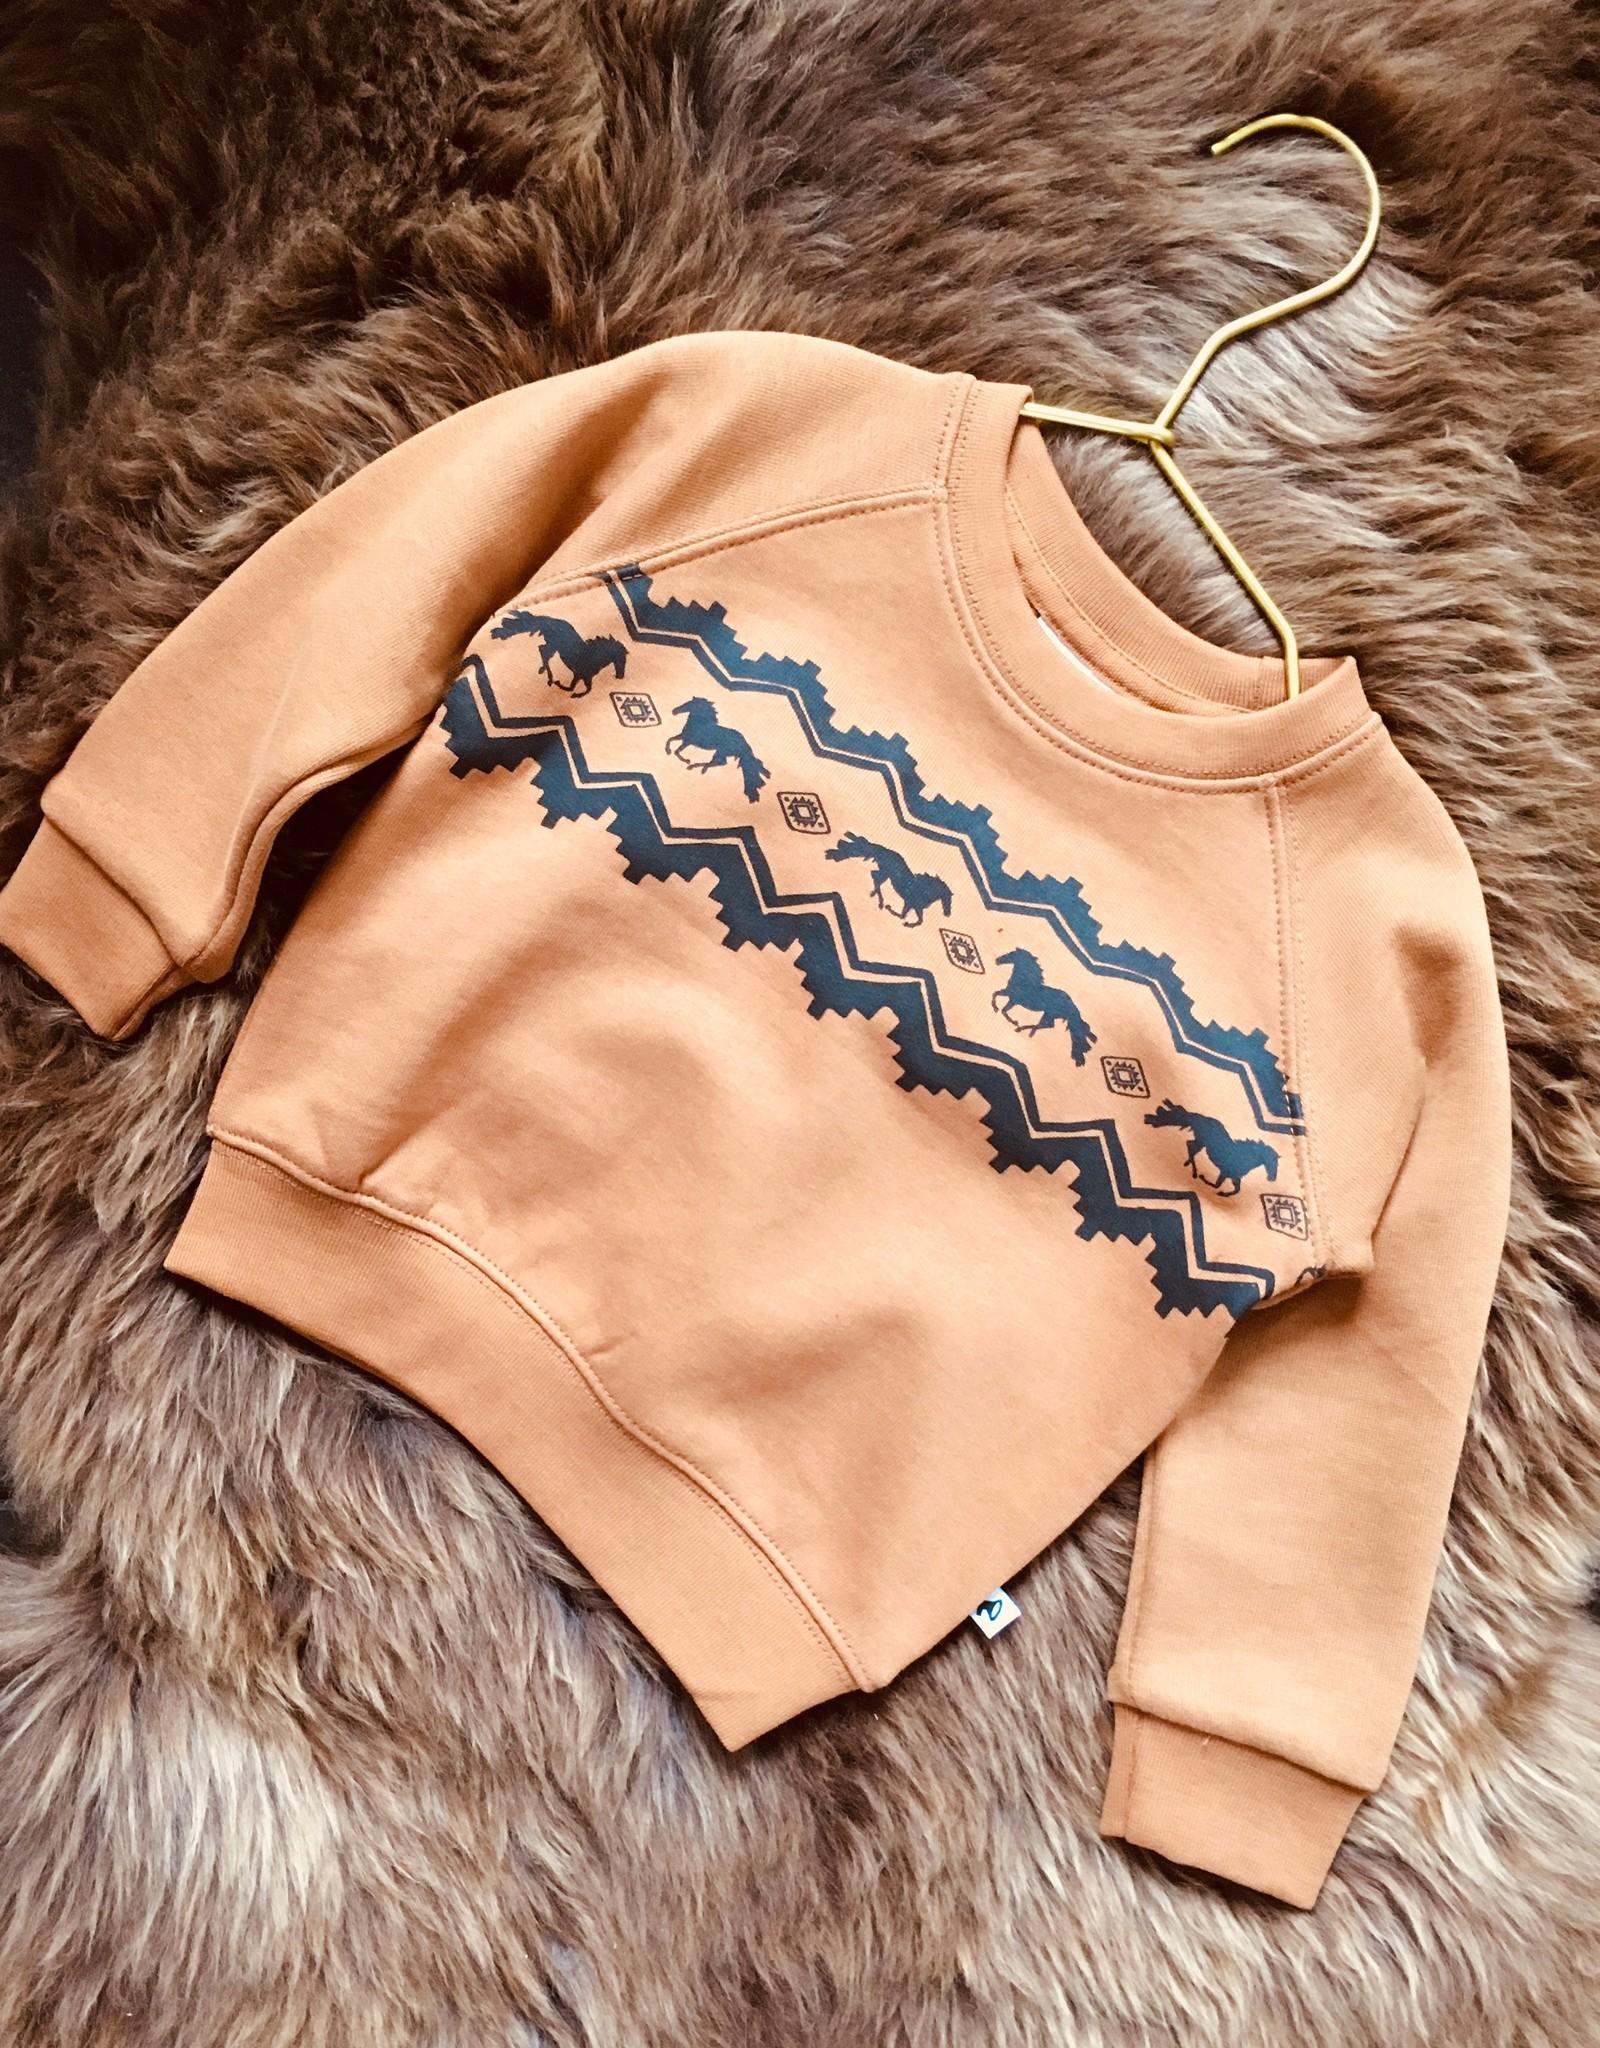 Cos i said so Cos I said so - sweater horses